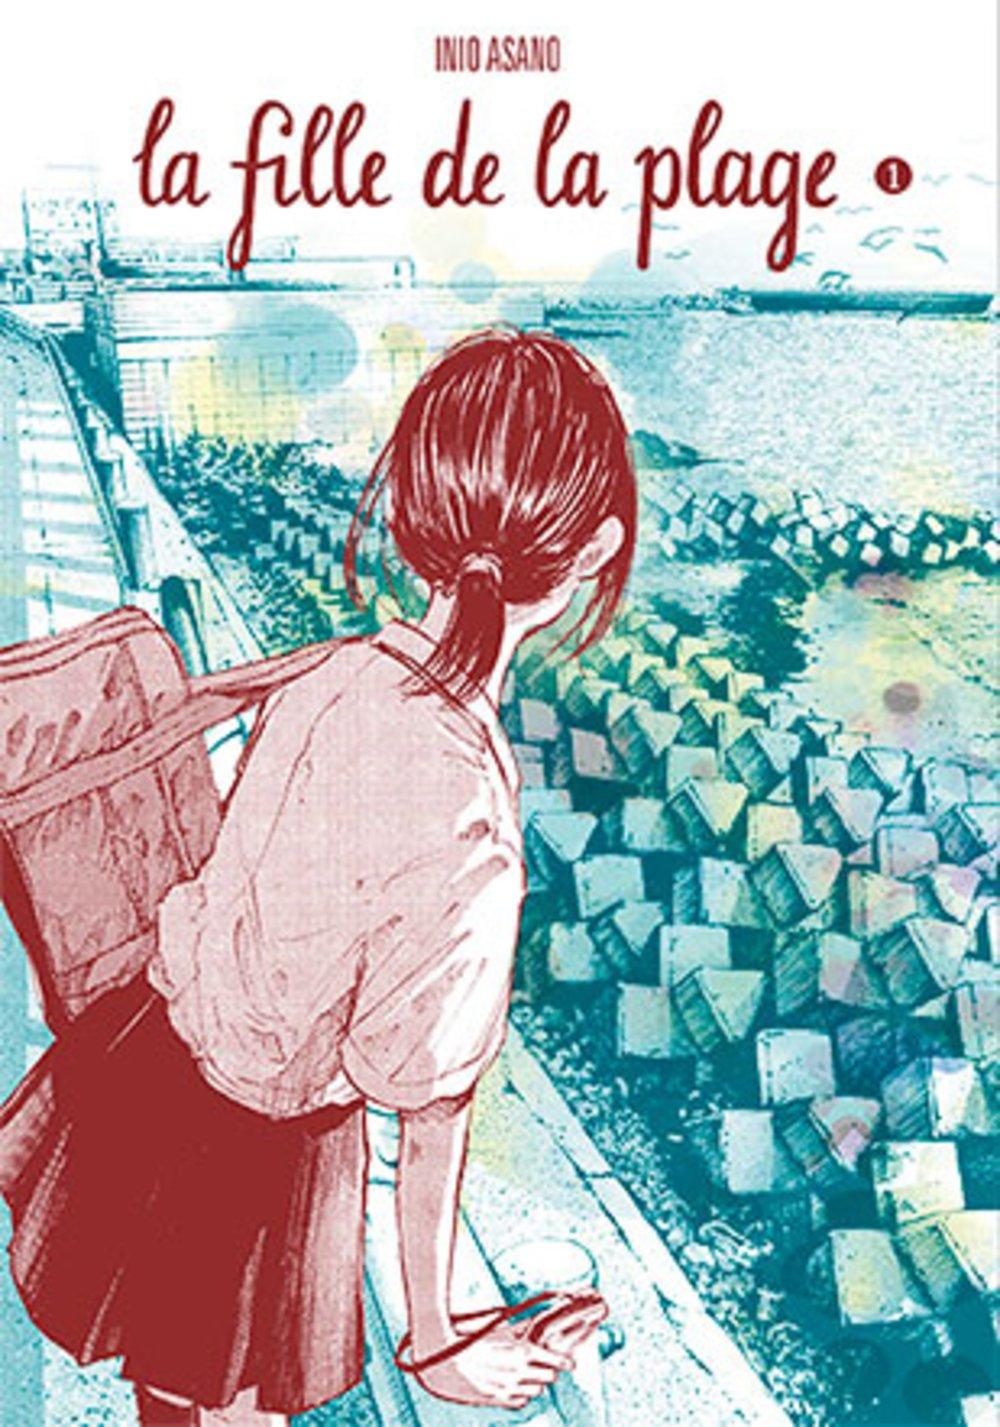 Amazon.fr - La fille de la plage, Volume 1 - Asano, Inio, Estager, Aurélien - Livres